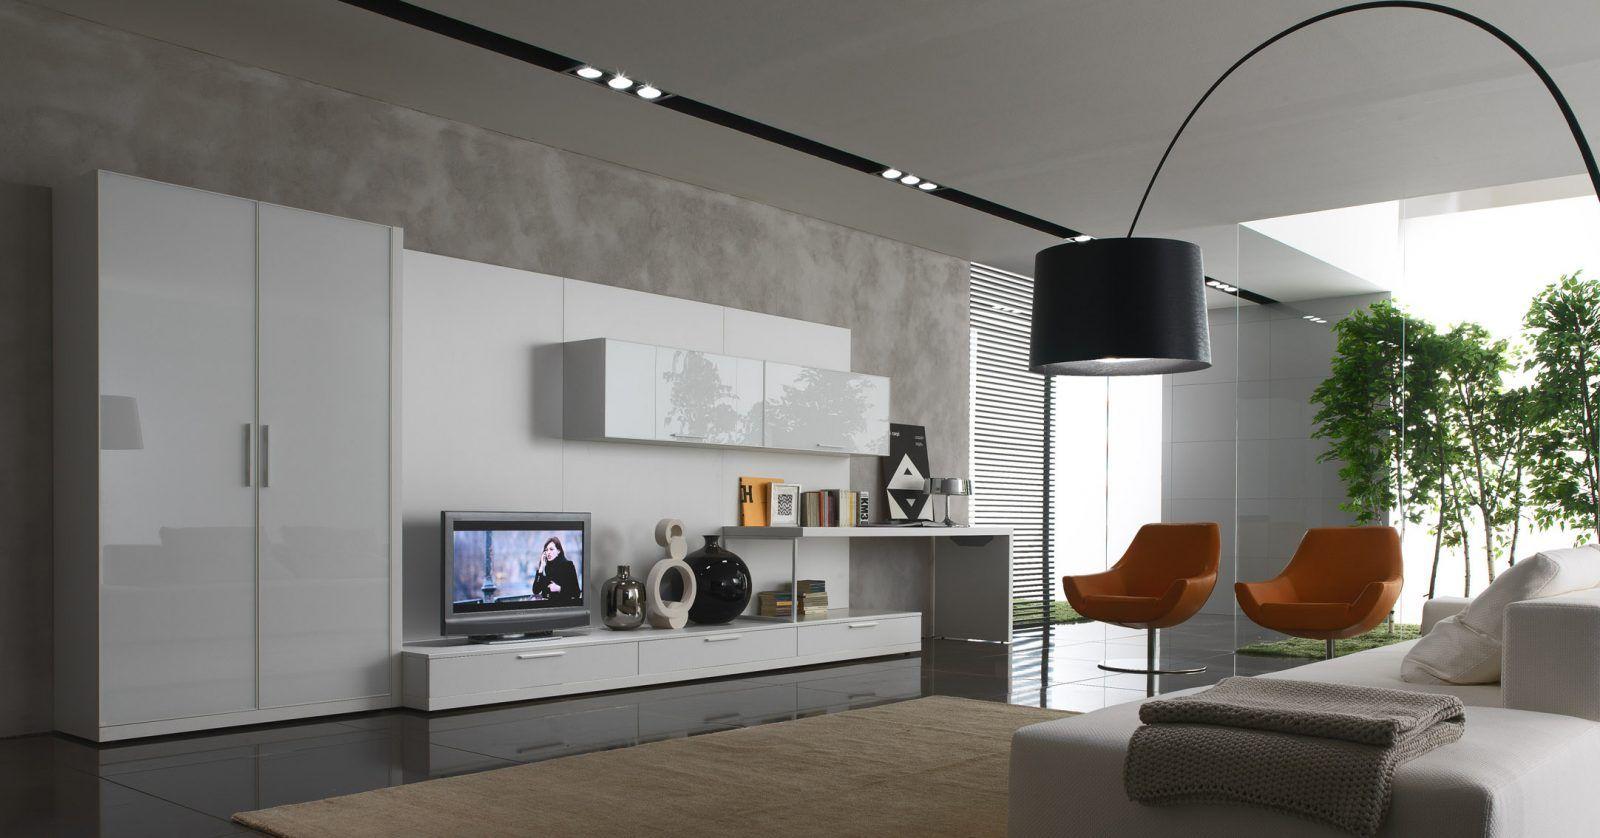 ideas para decorar un saln moderno - Como Decorar Un Salon Moderno